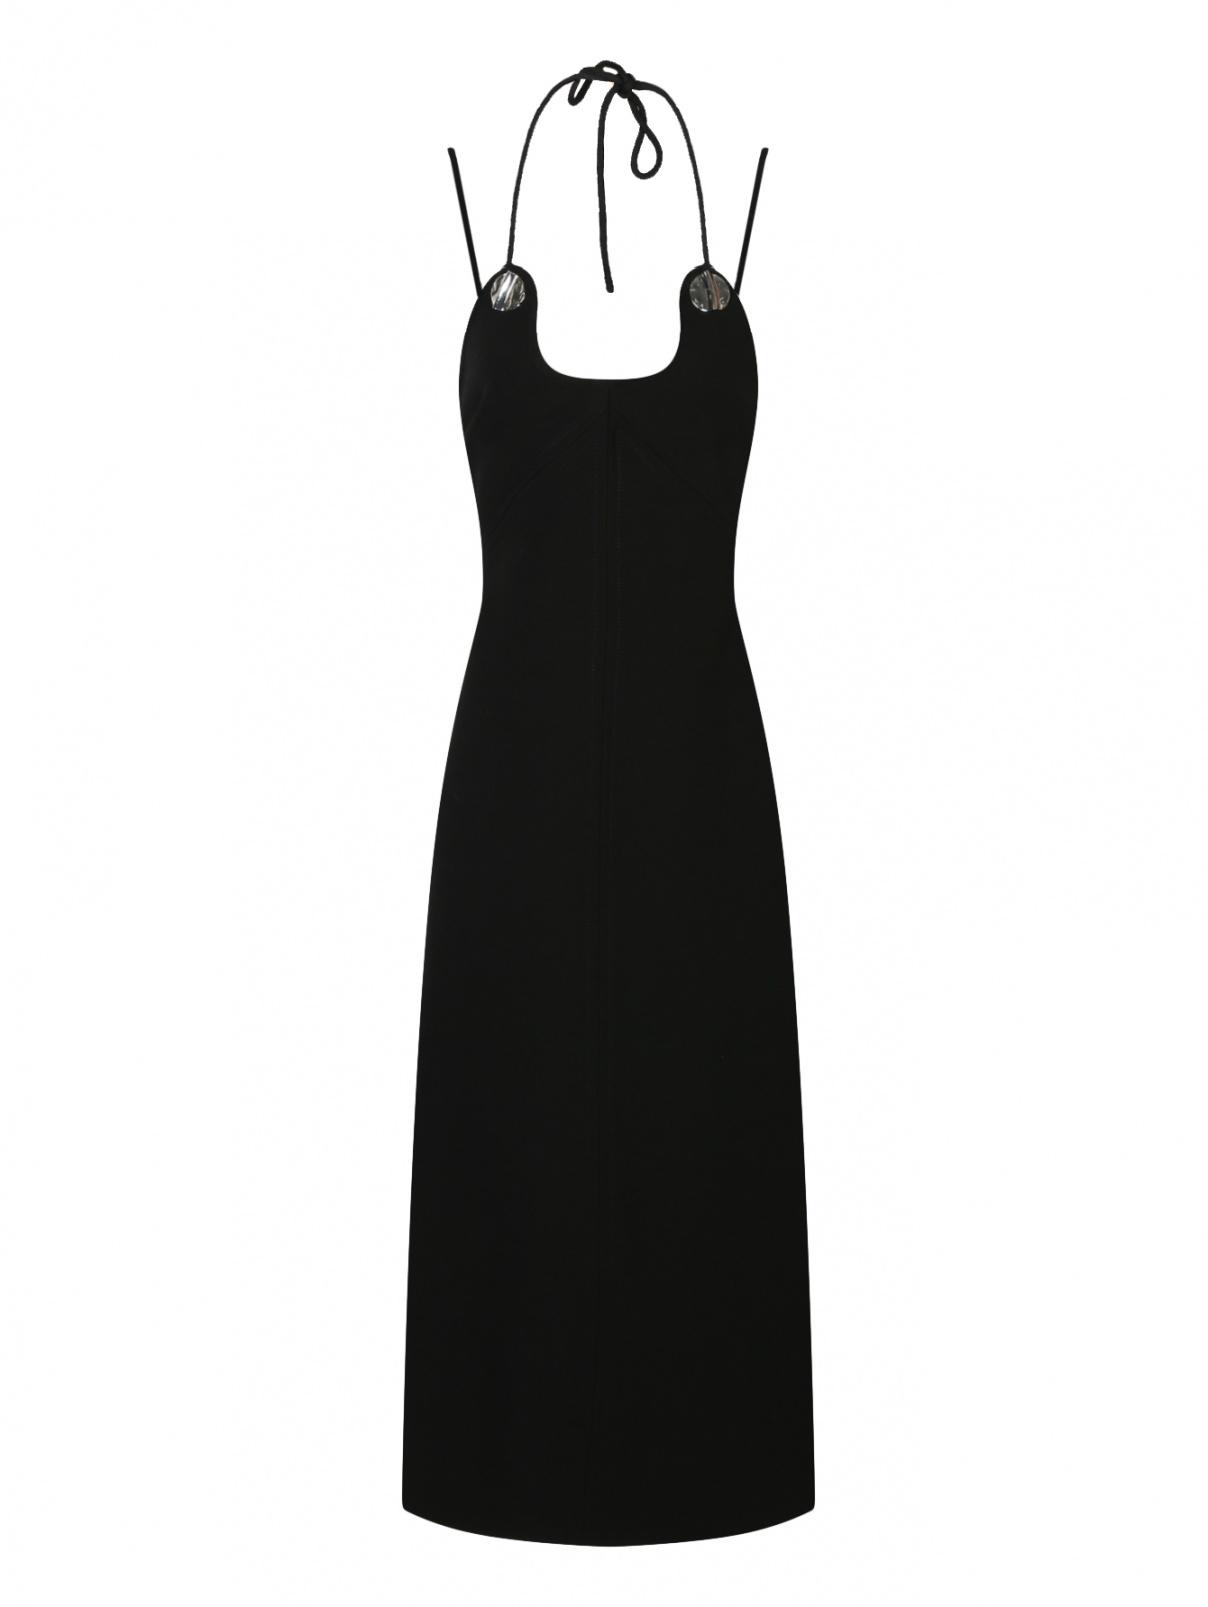 Платье прямого кроя без рукавов 3.1 Phillip Lim  –  Общий вид  – Цвет:  Черный